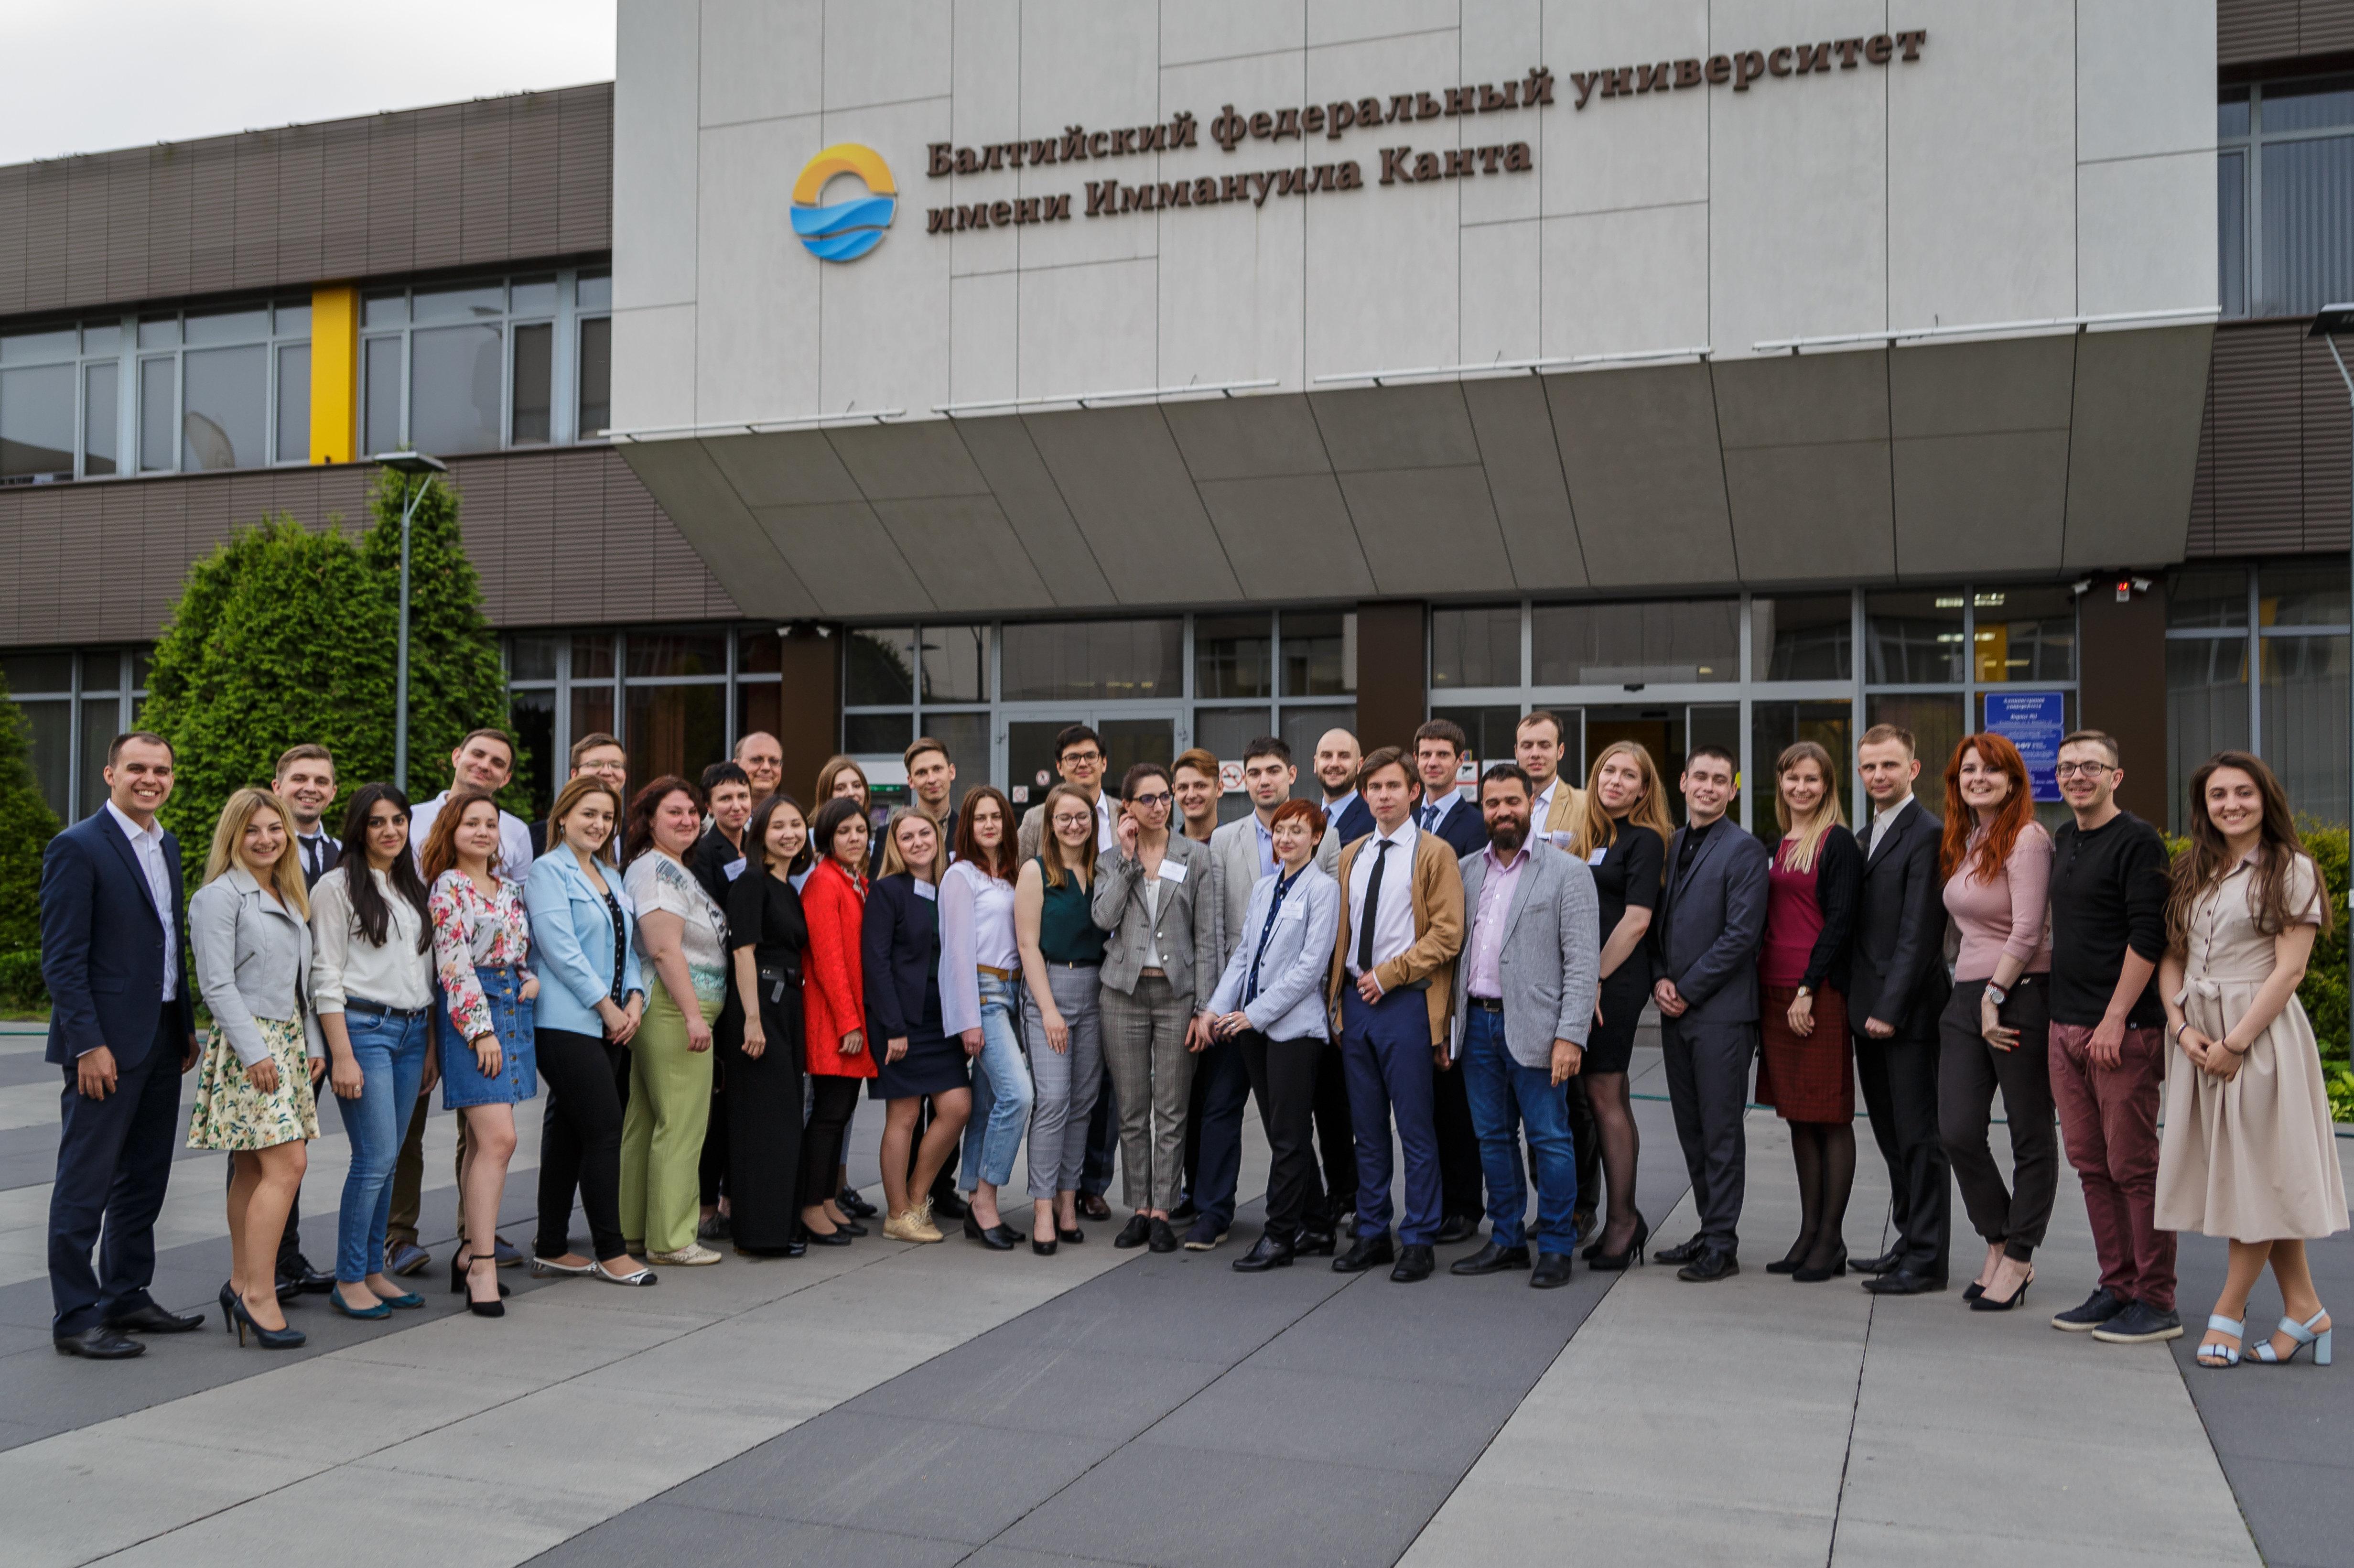 Forum w Bałtyckim Uniwersytecie Federalnym. Kaliningrad. 25 maja 2018 r.